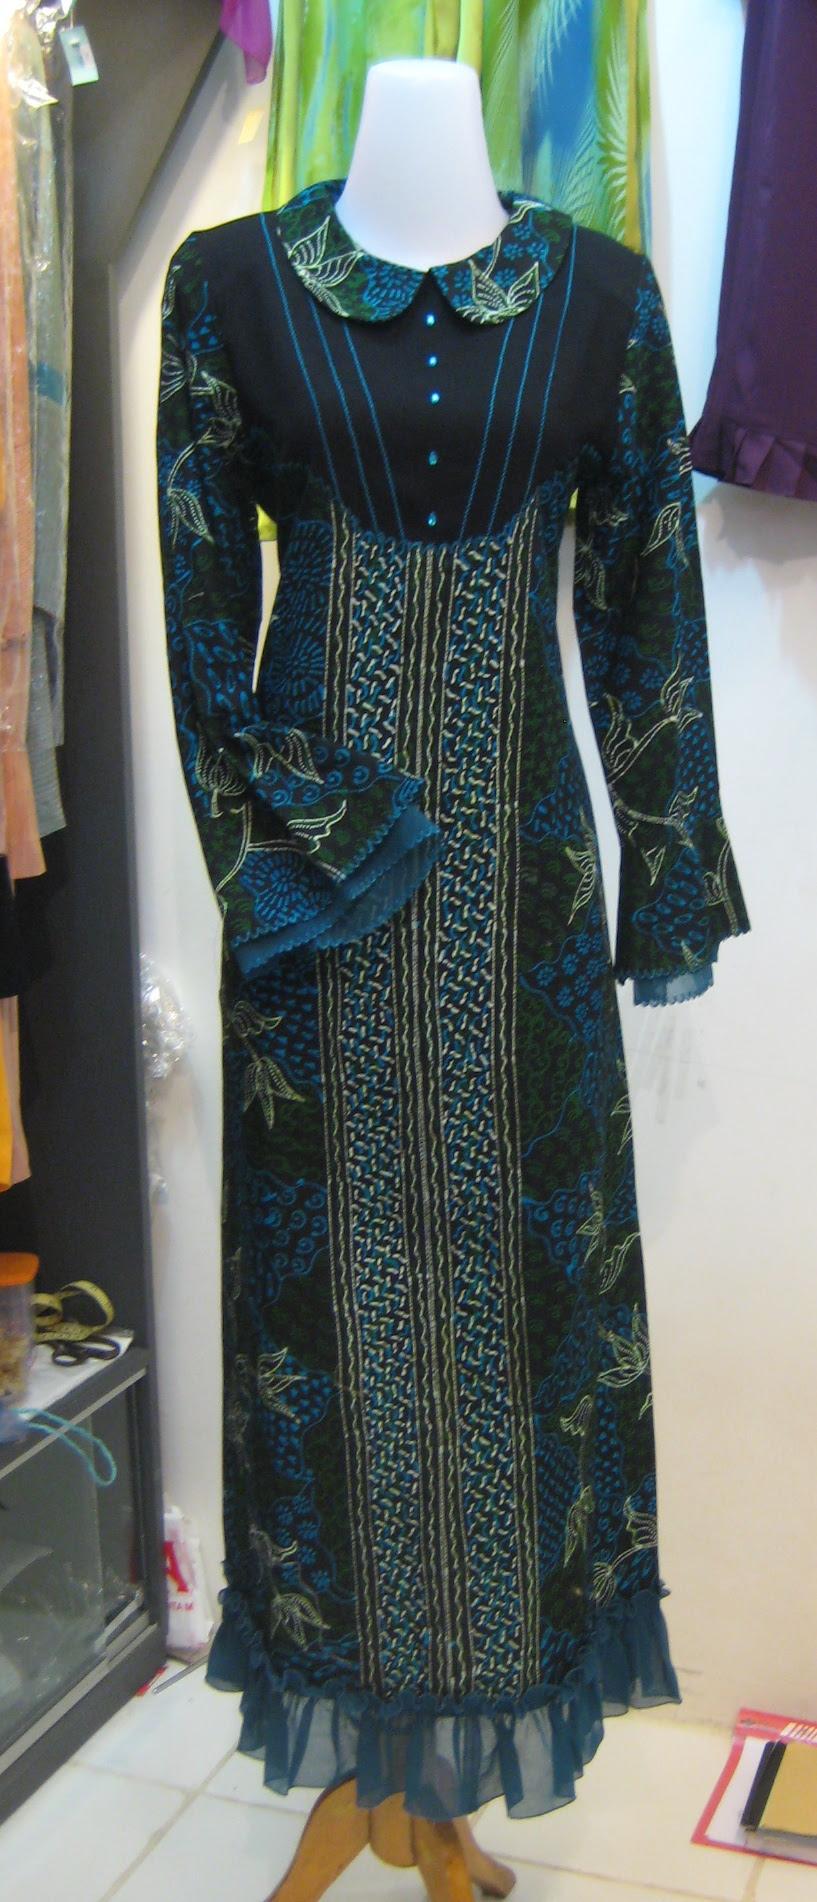 baju  batik gamis batik  batik murah model batik baju  gamis